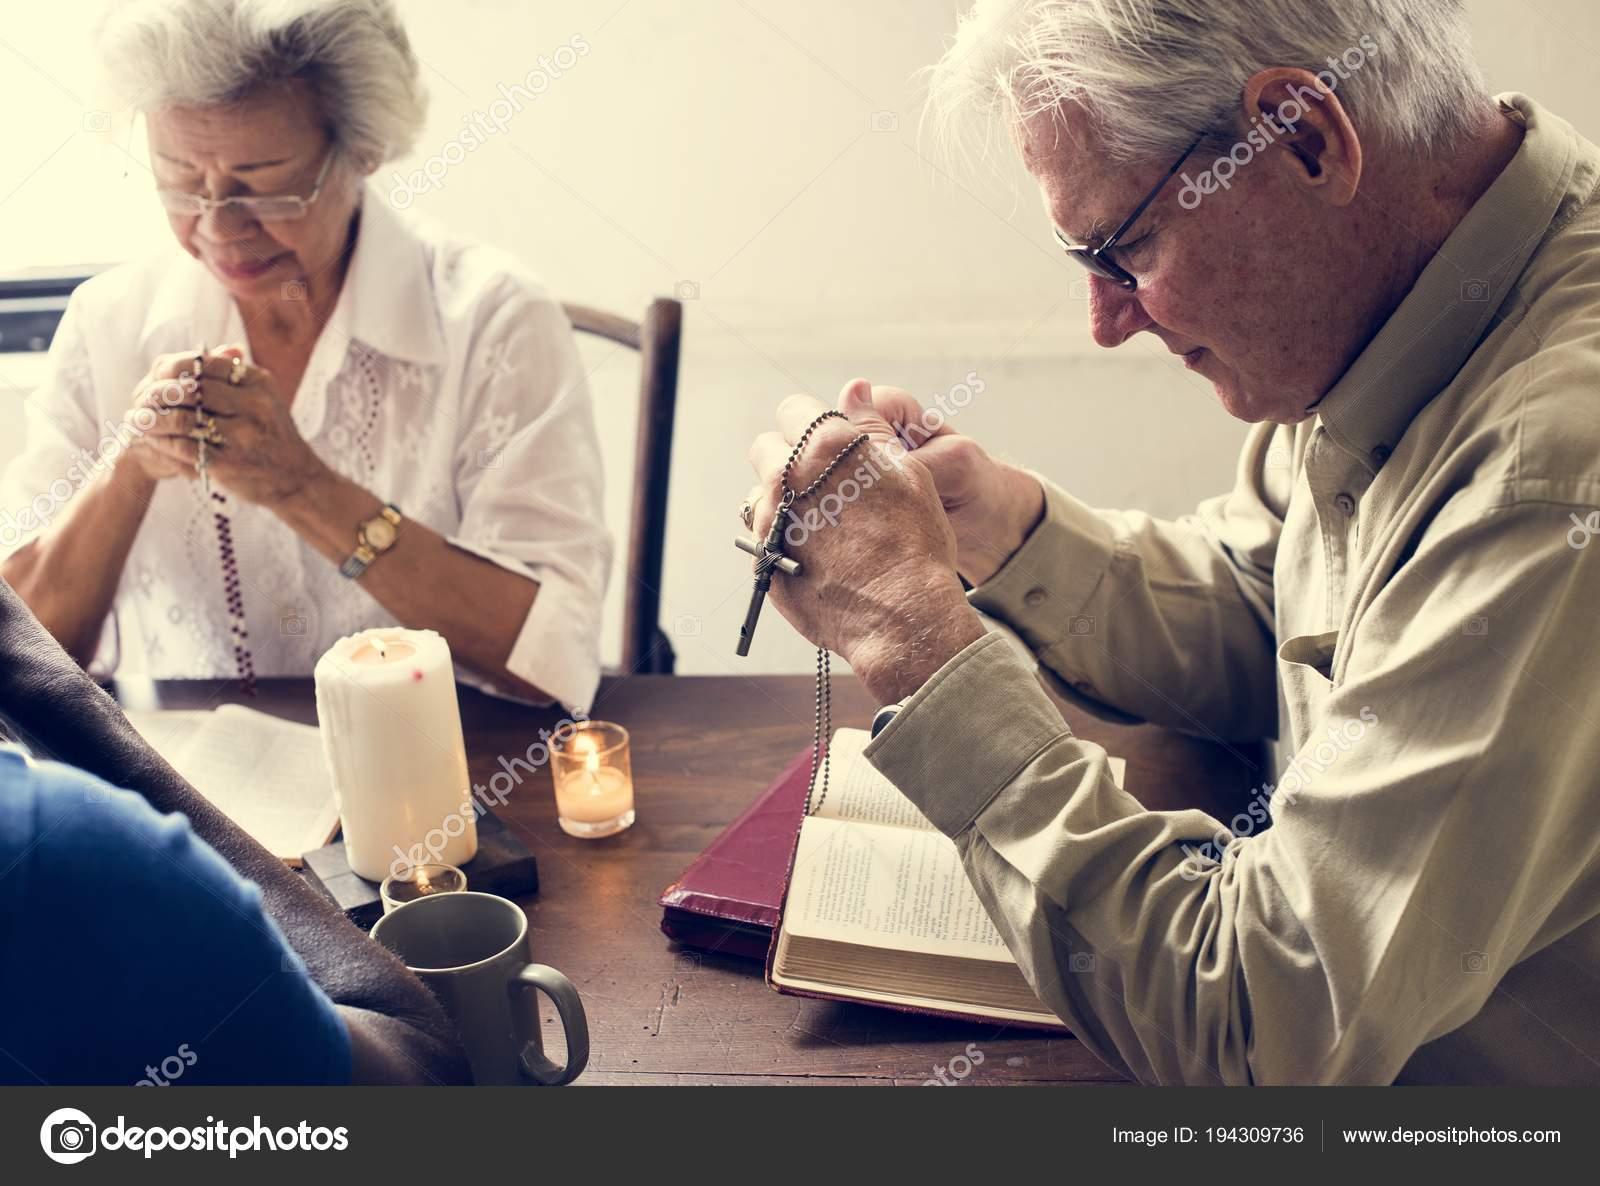 Imágenes: Alguien Leyendo La Biblia